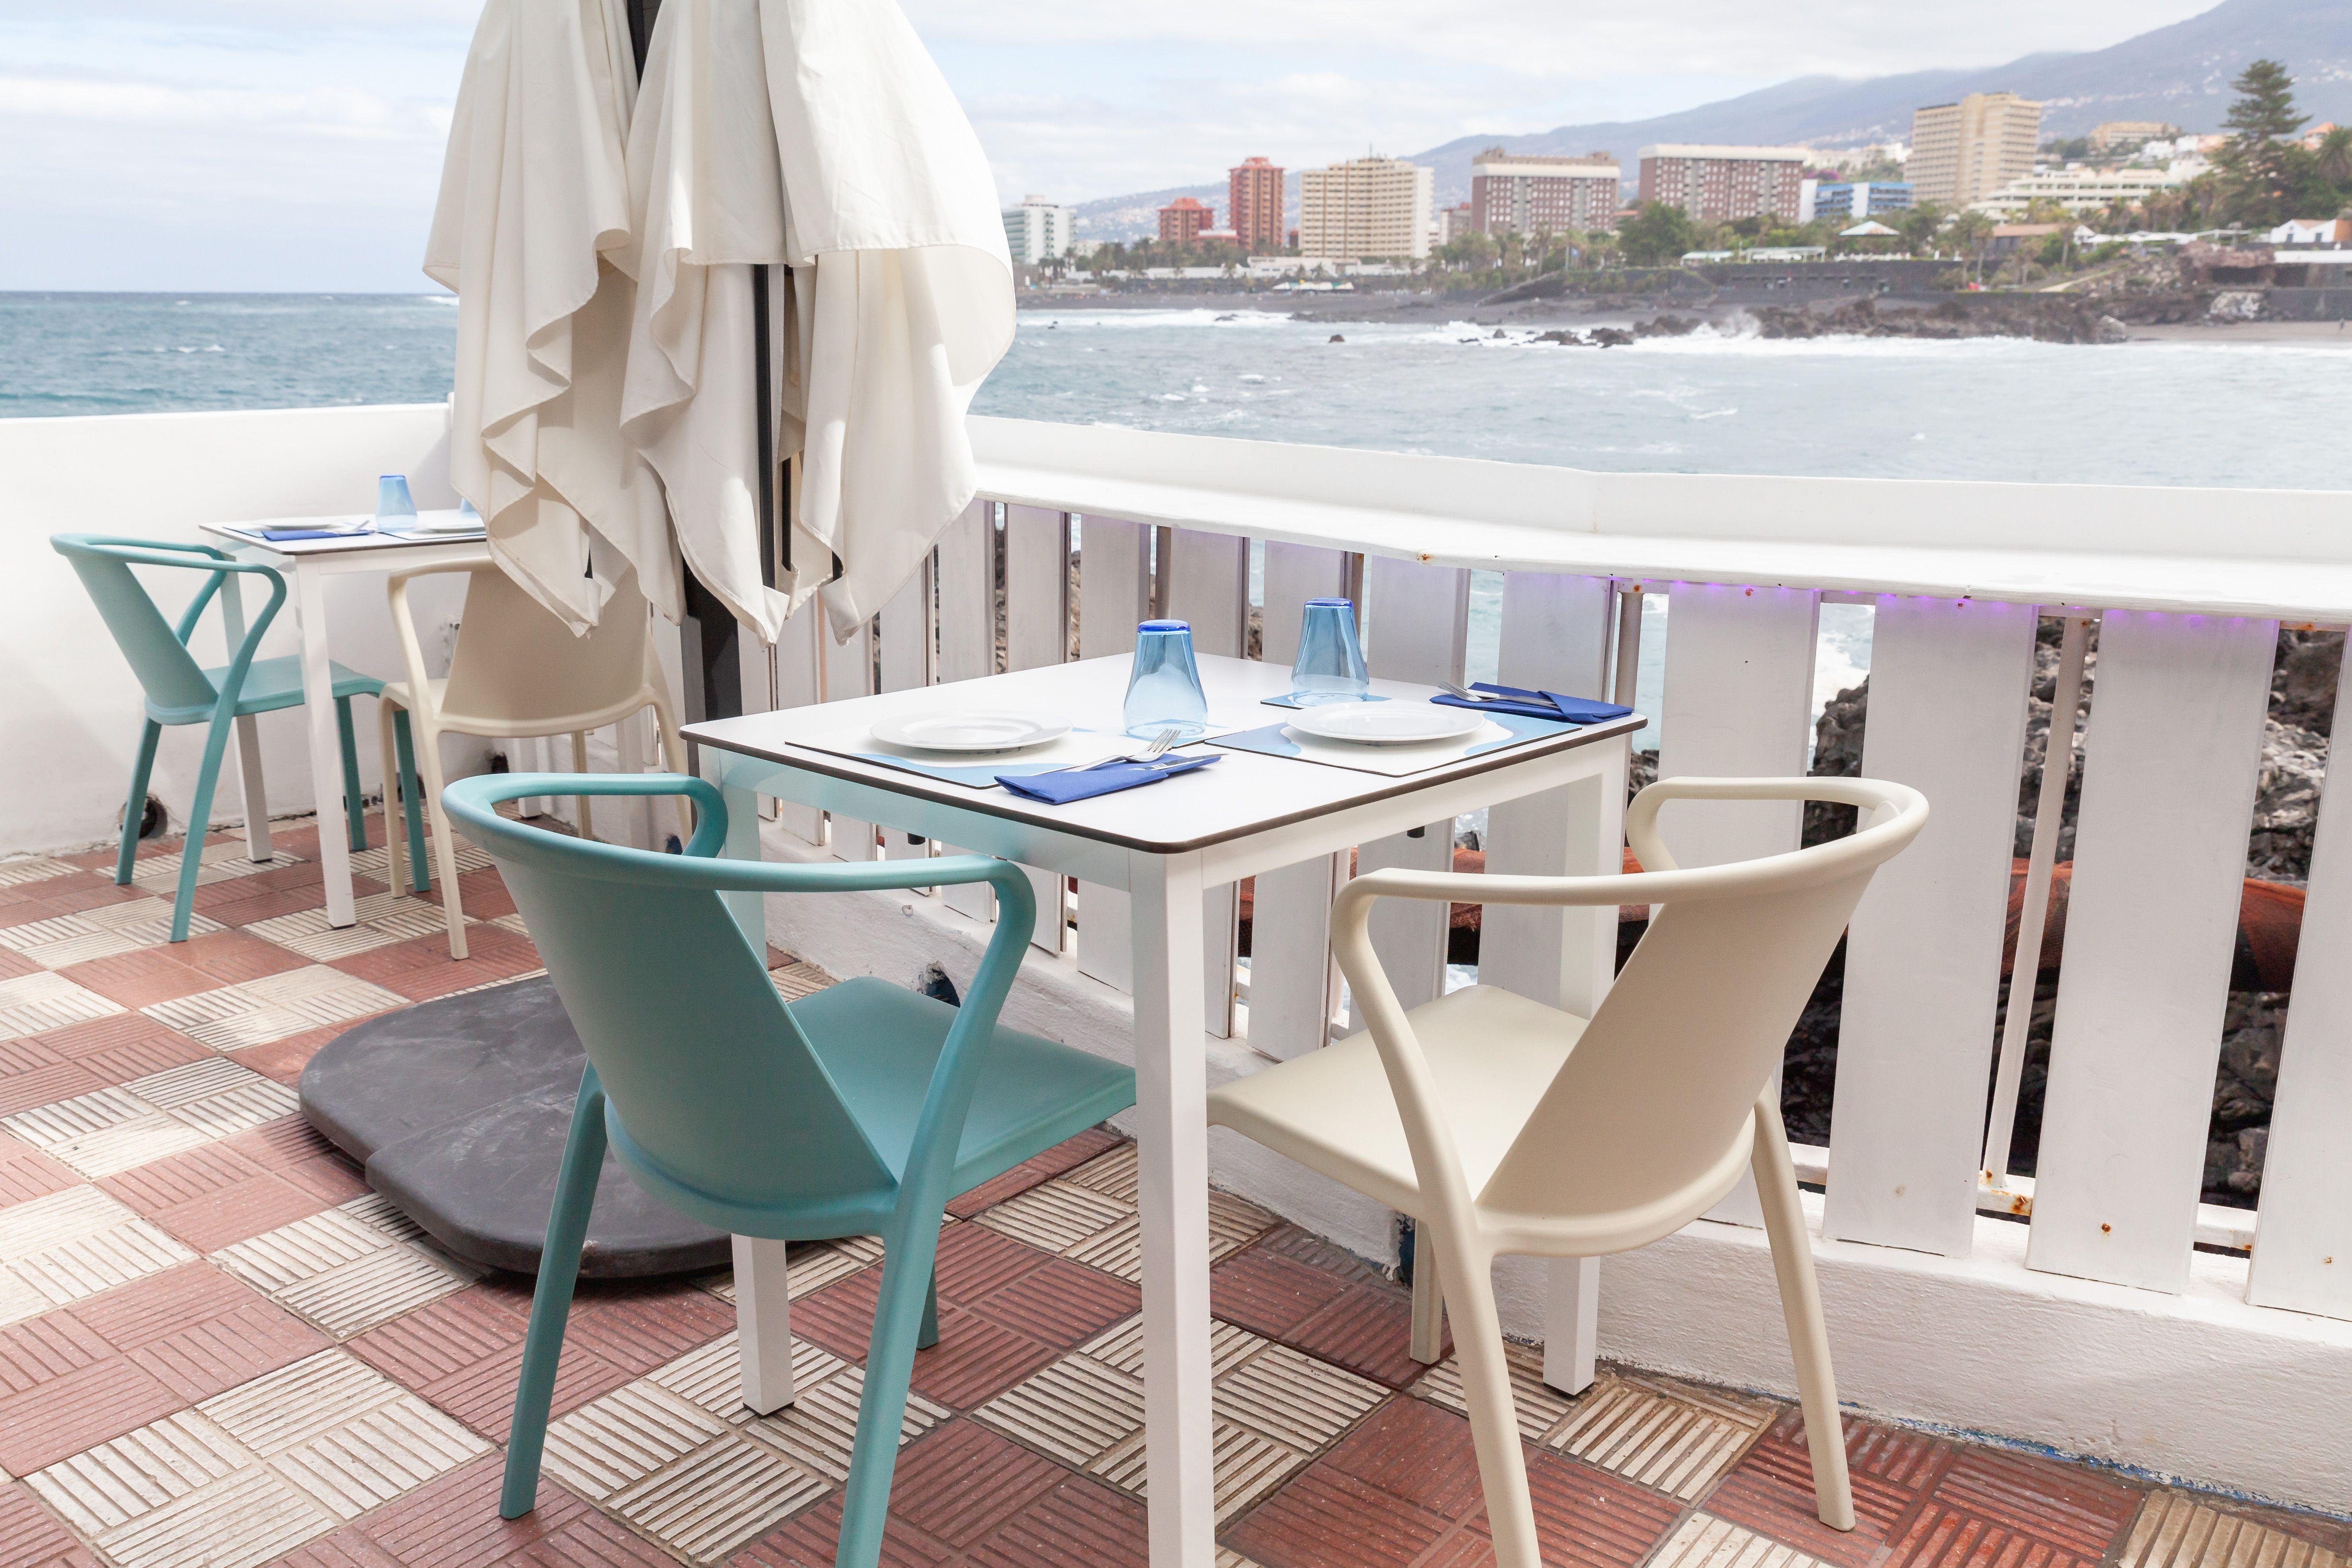 Foto 5 de Restaurante en Puerto de la Cruz | Restaurante Marlin